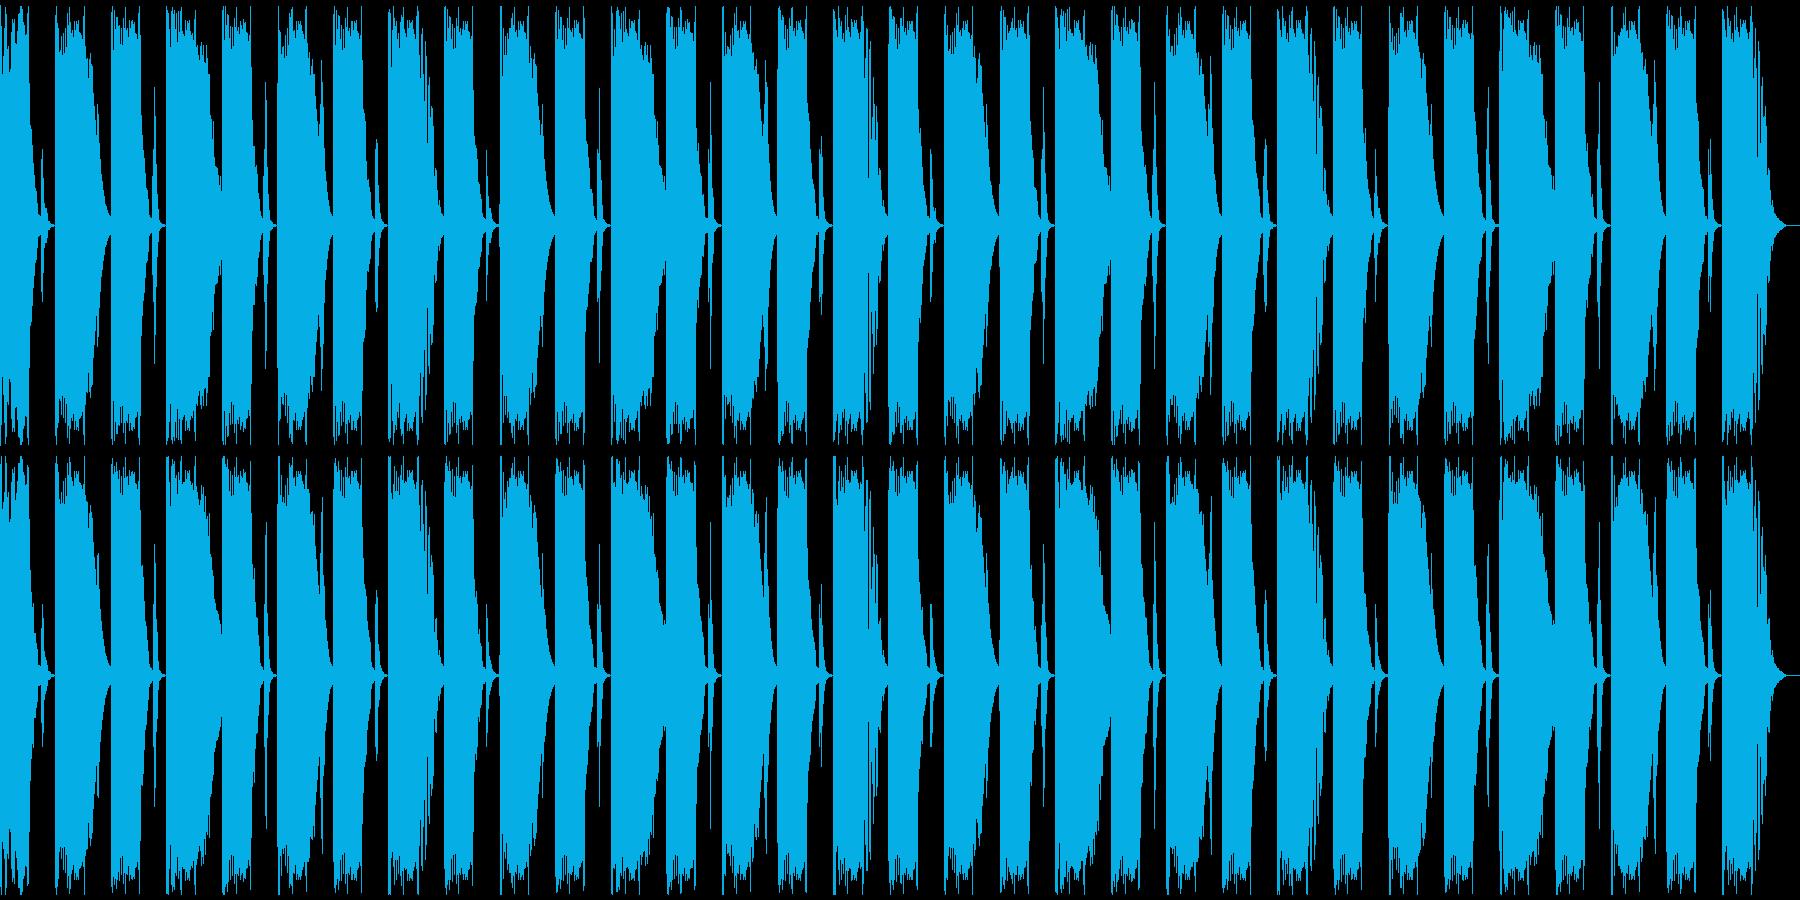 【エレクトロニカ】ロング2、ジングル3の再生済みの波形